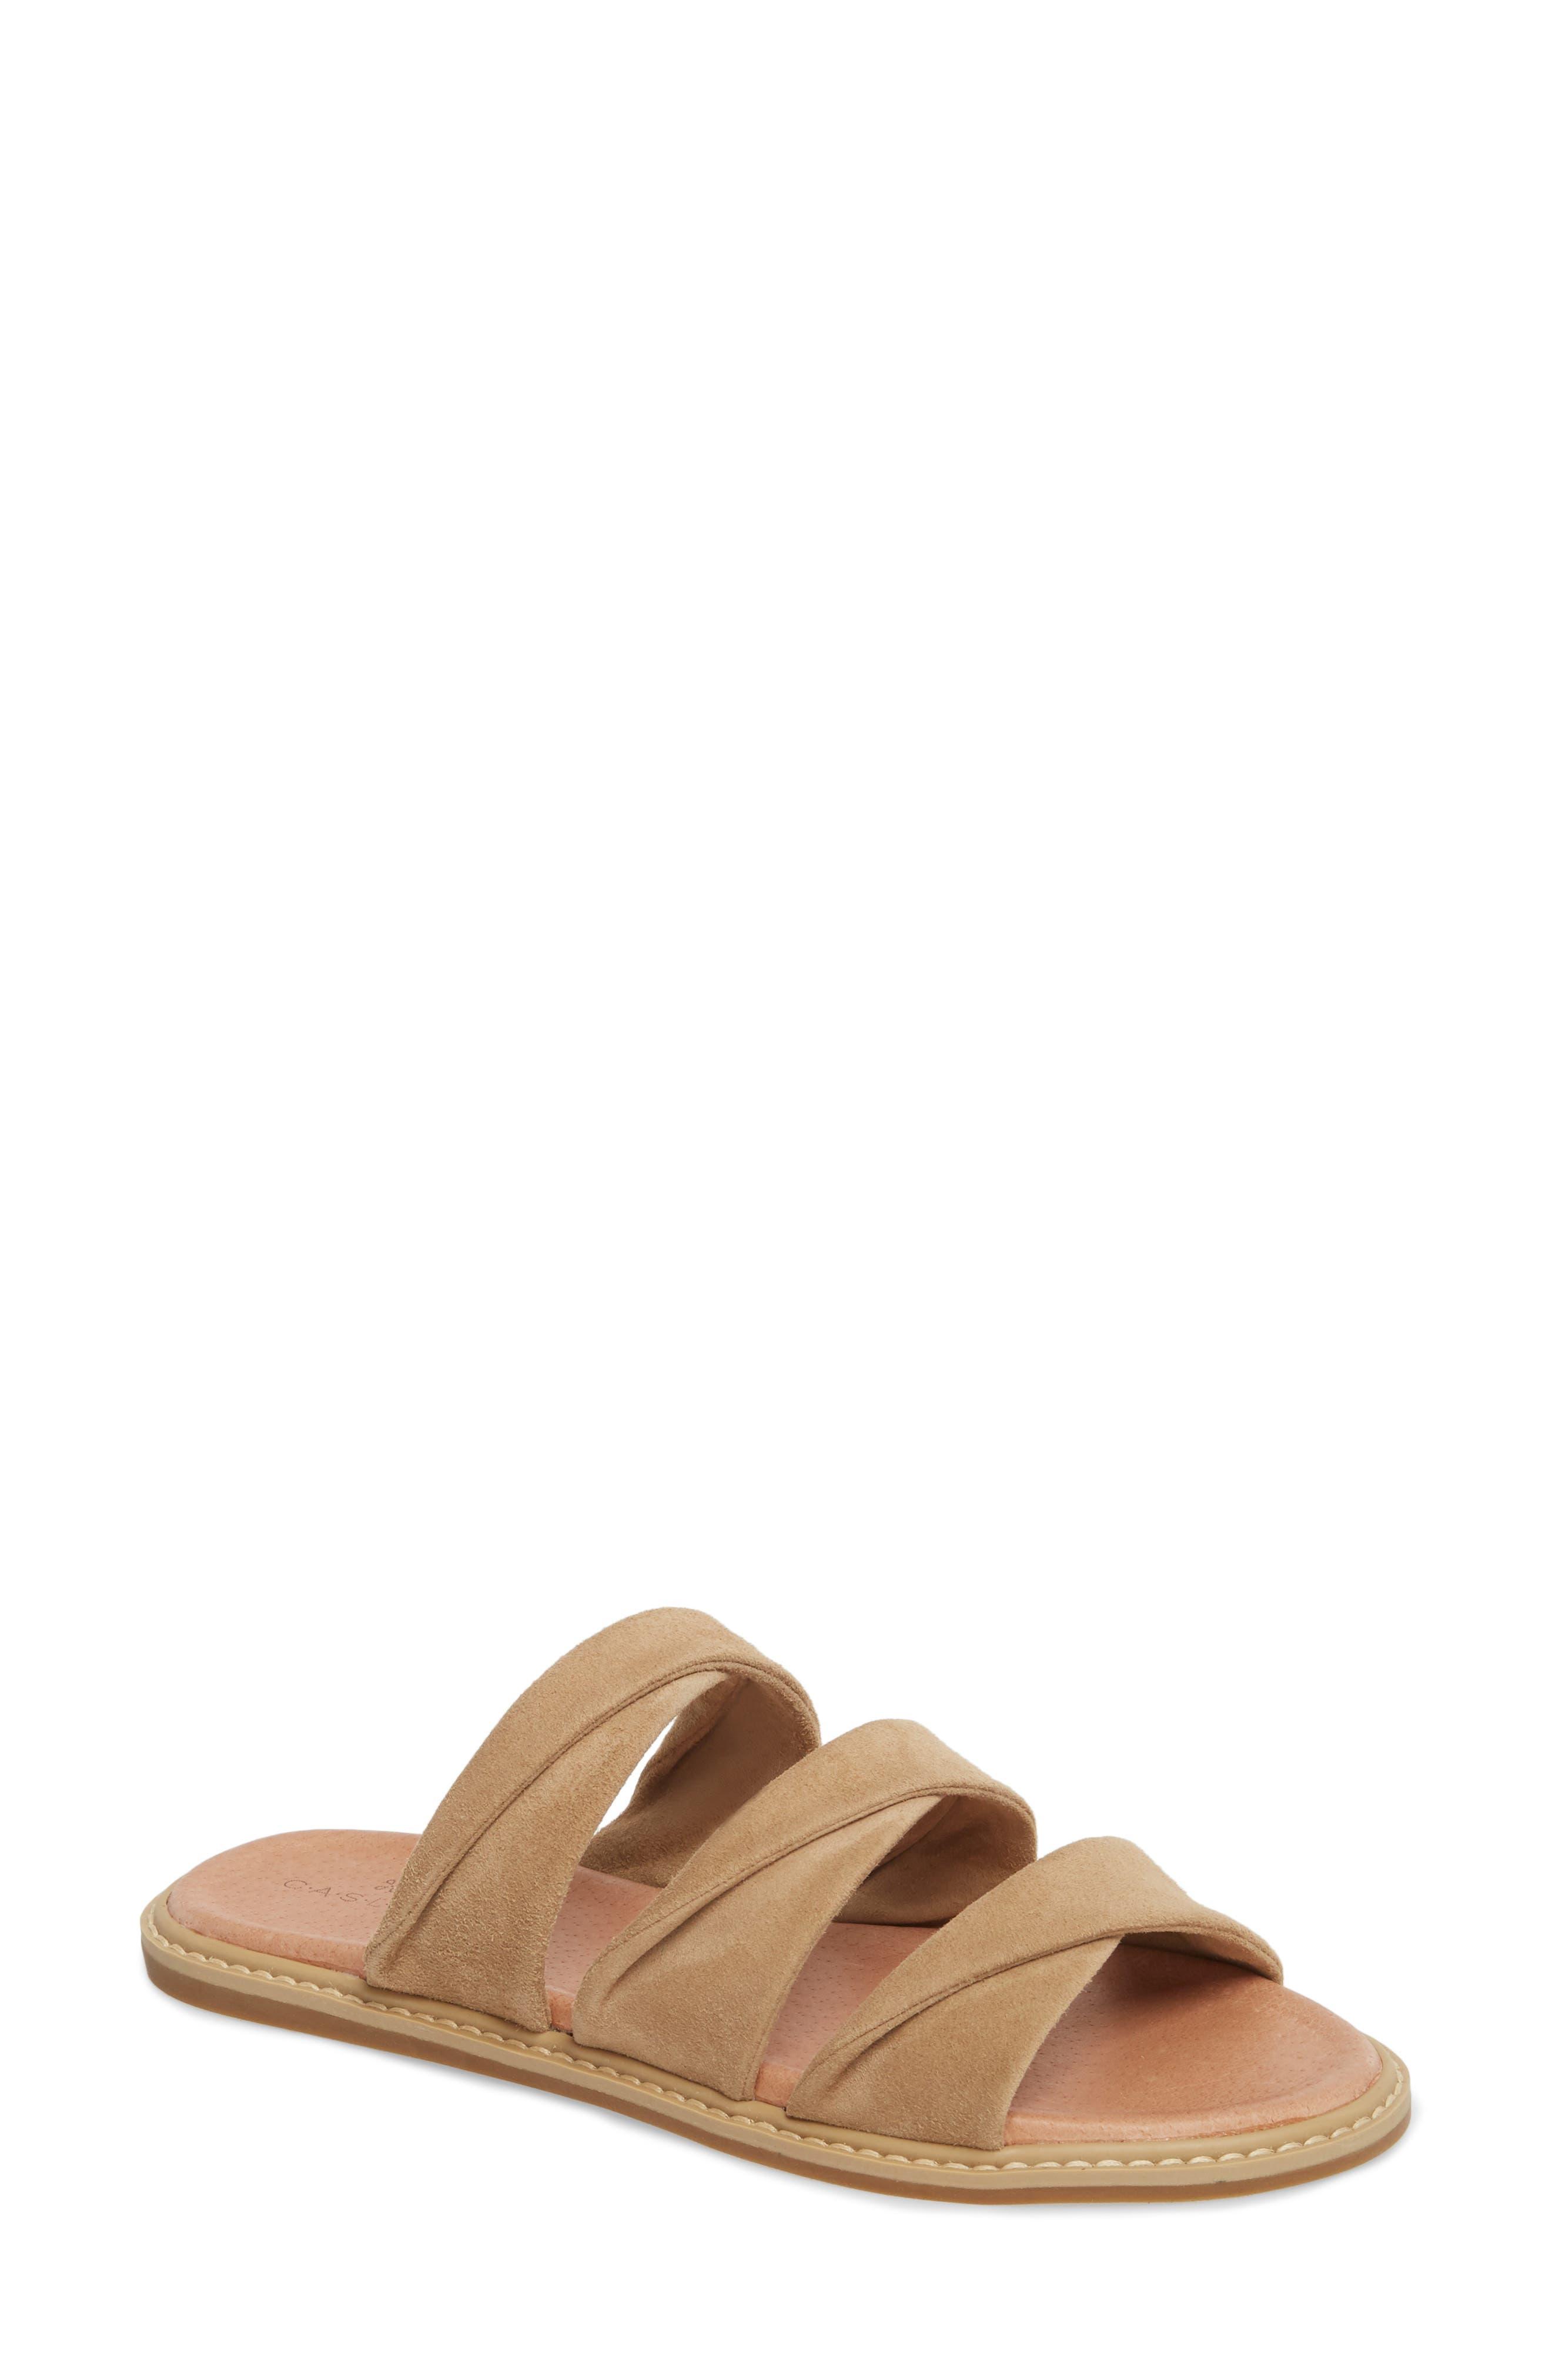 Cooper Slide Sandal,                         Main,                         color,